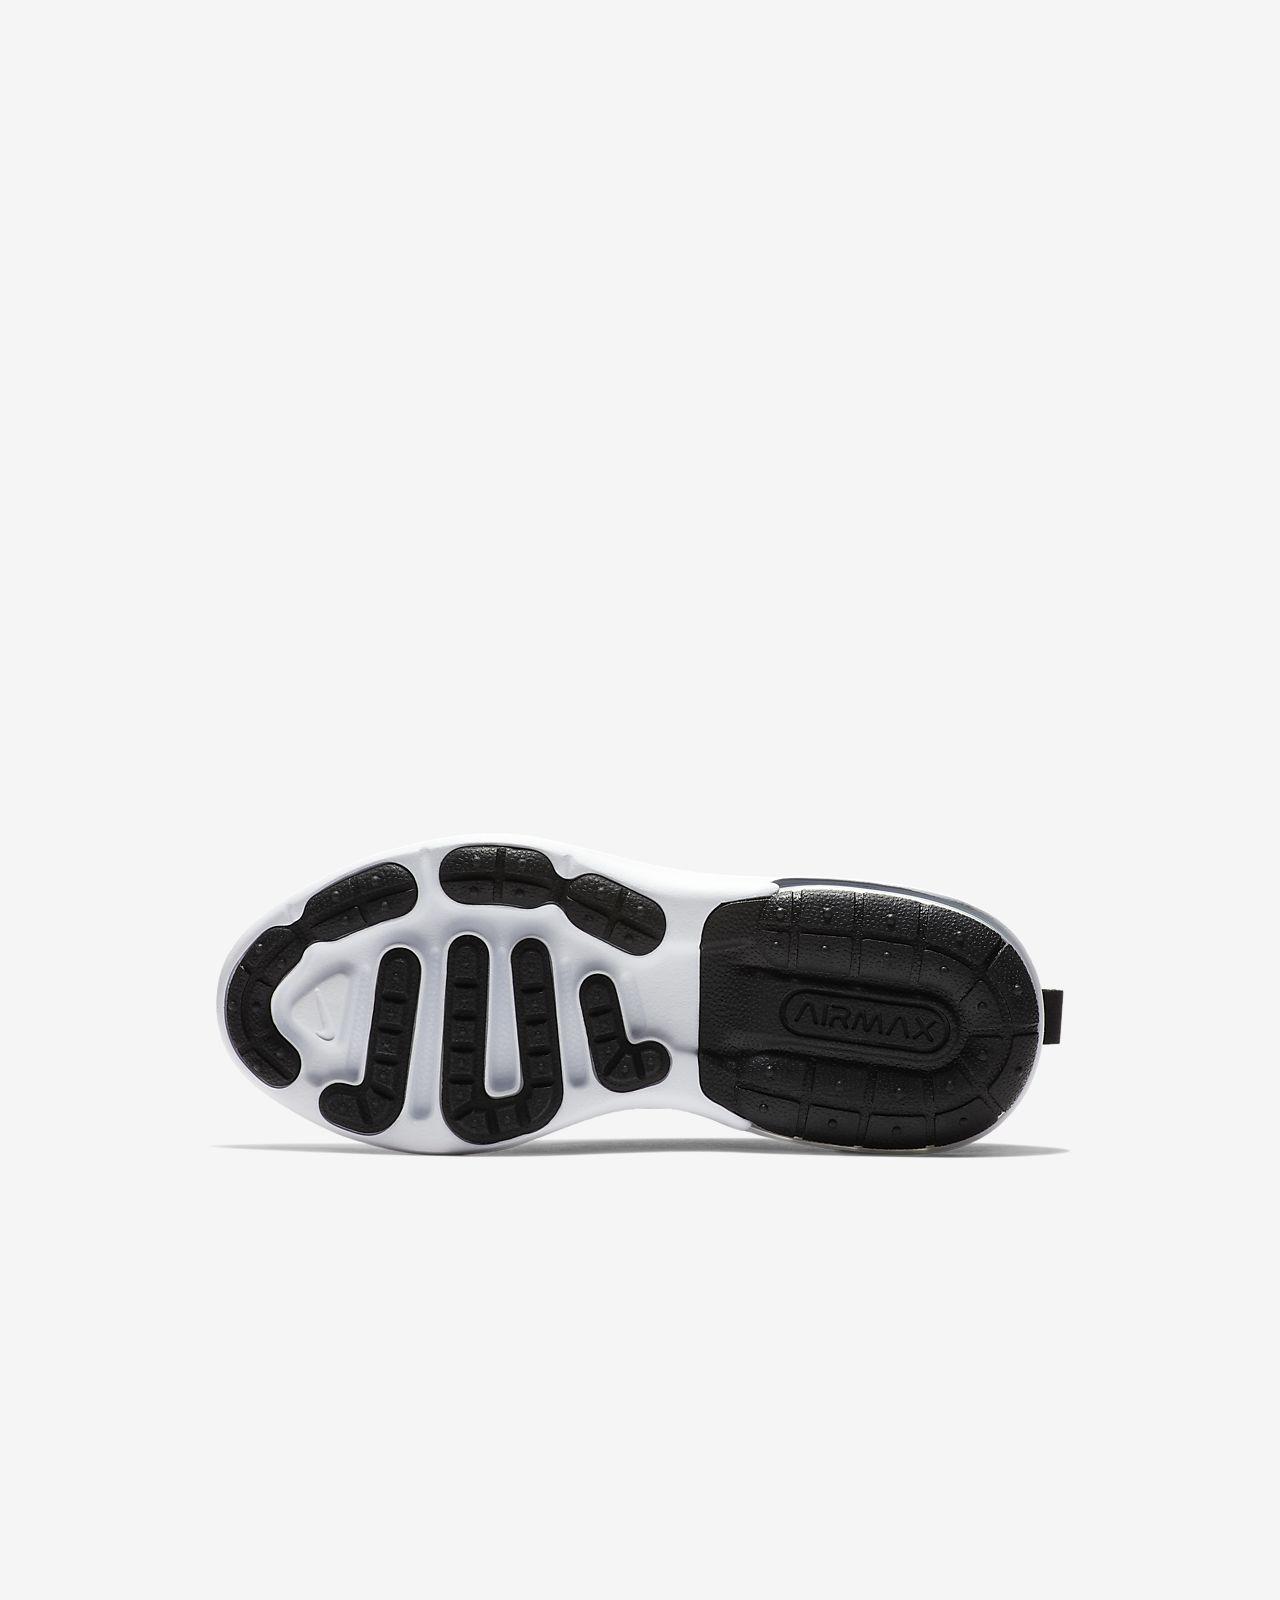 Nike Air Max Sequent 4 Shine Schuh für jüngere Kinder